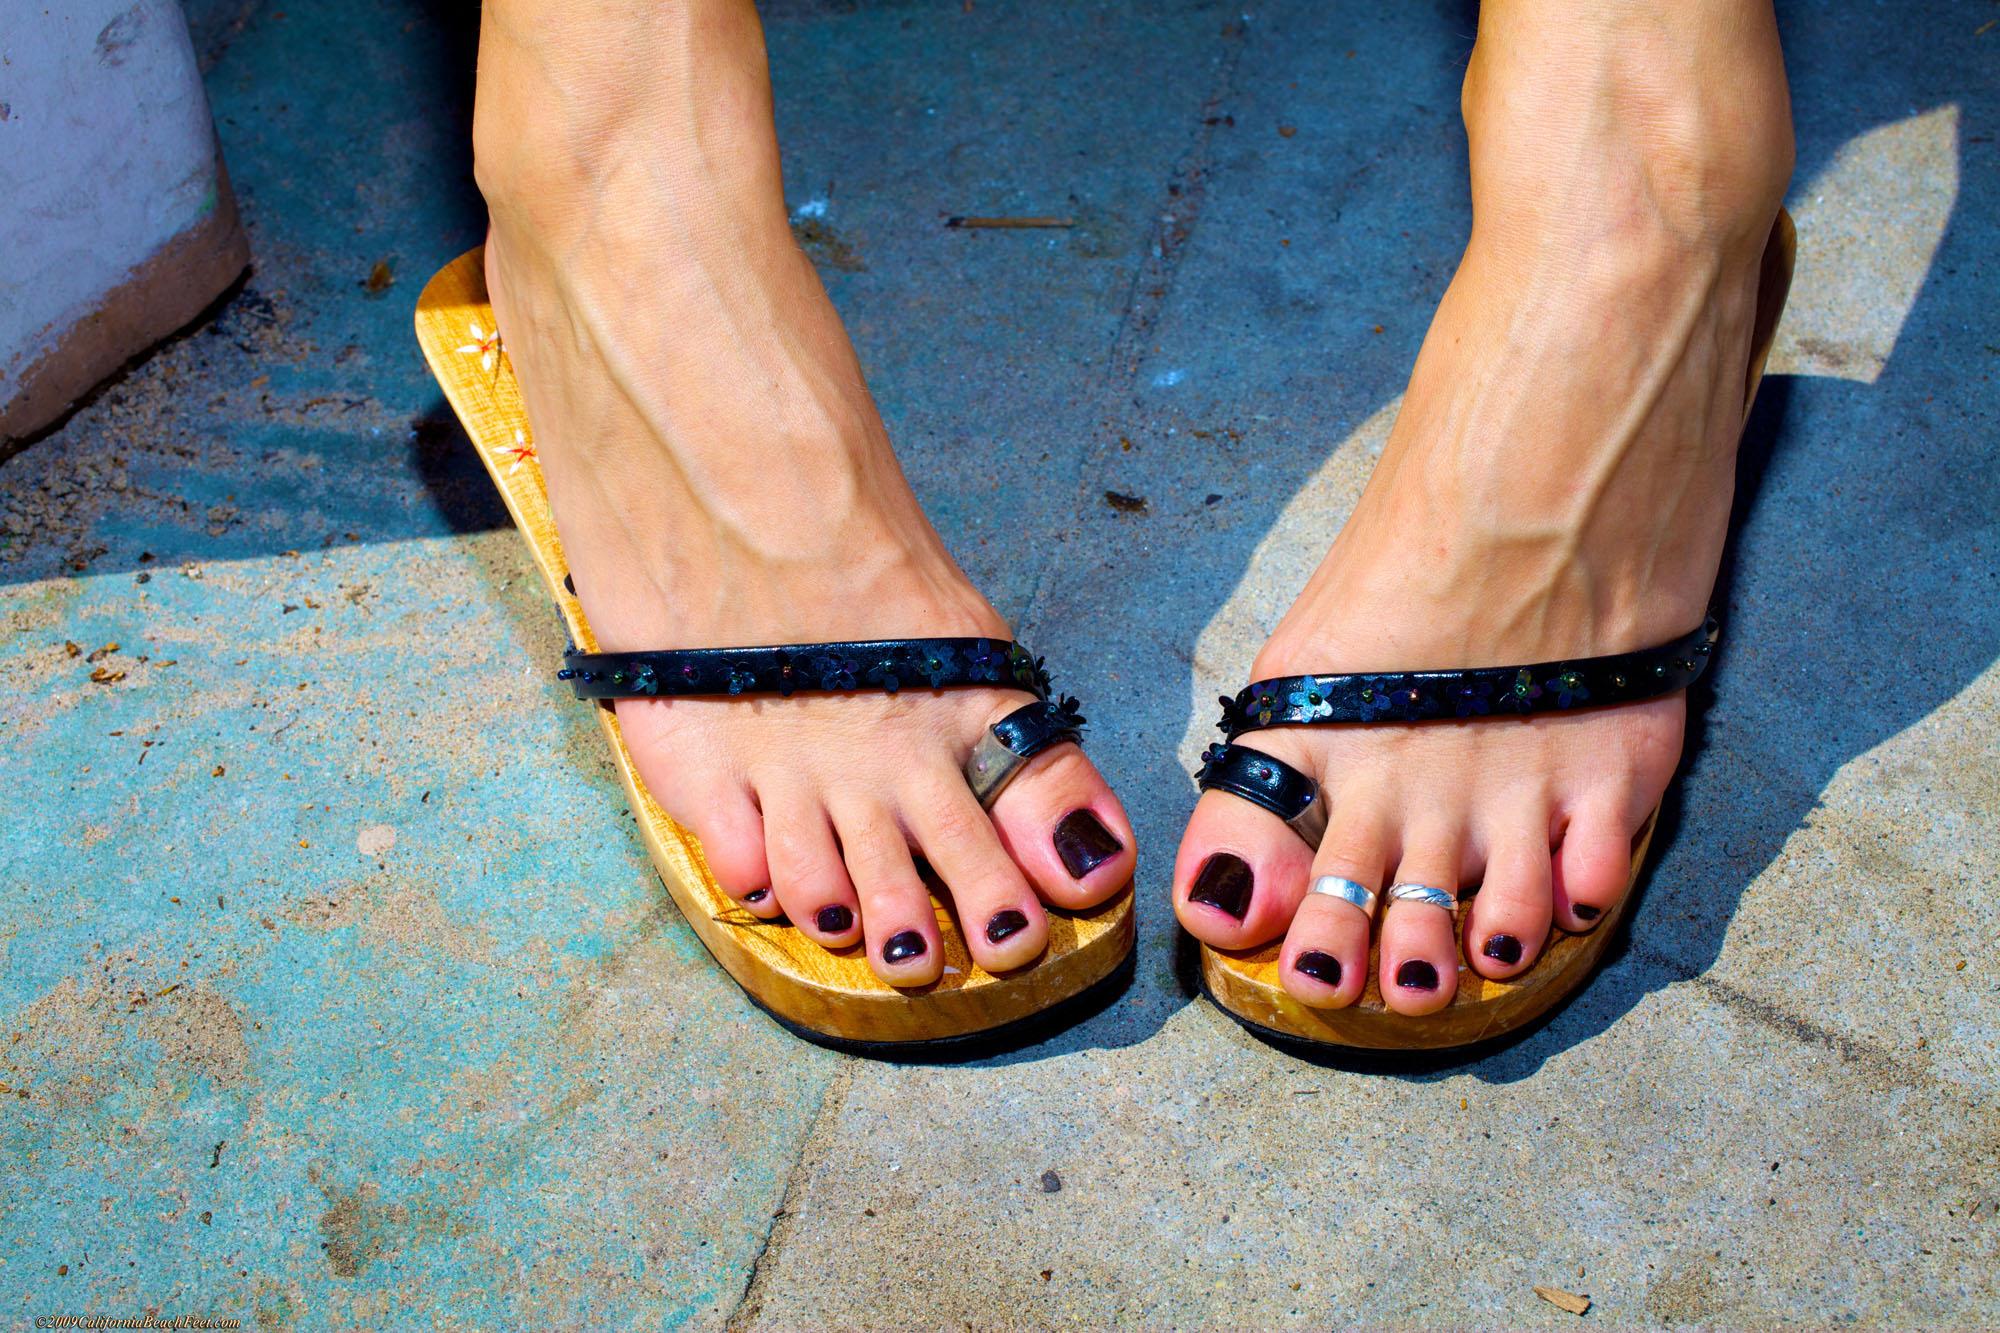 Beach feet porn